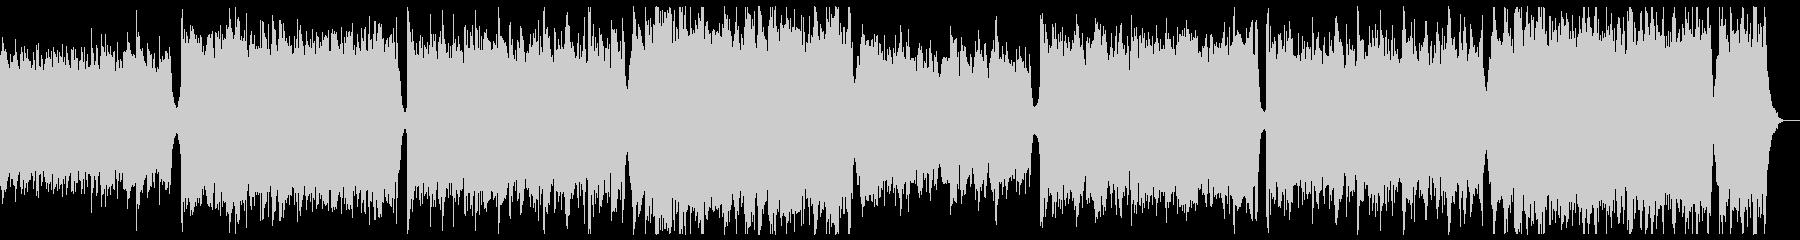 知的なシネマティックピアノ:フル2回の未再生の波形